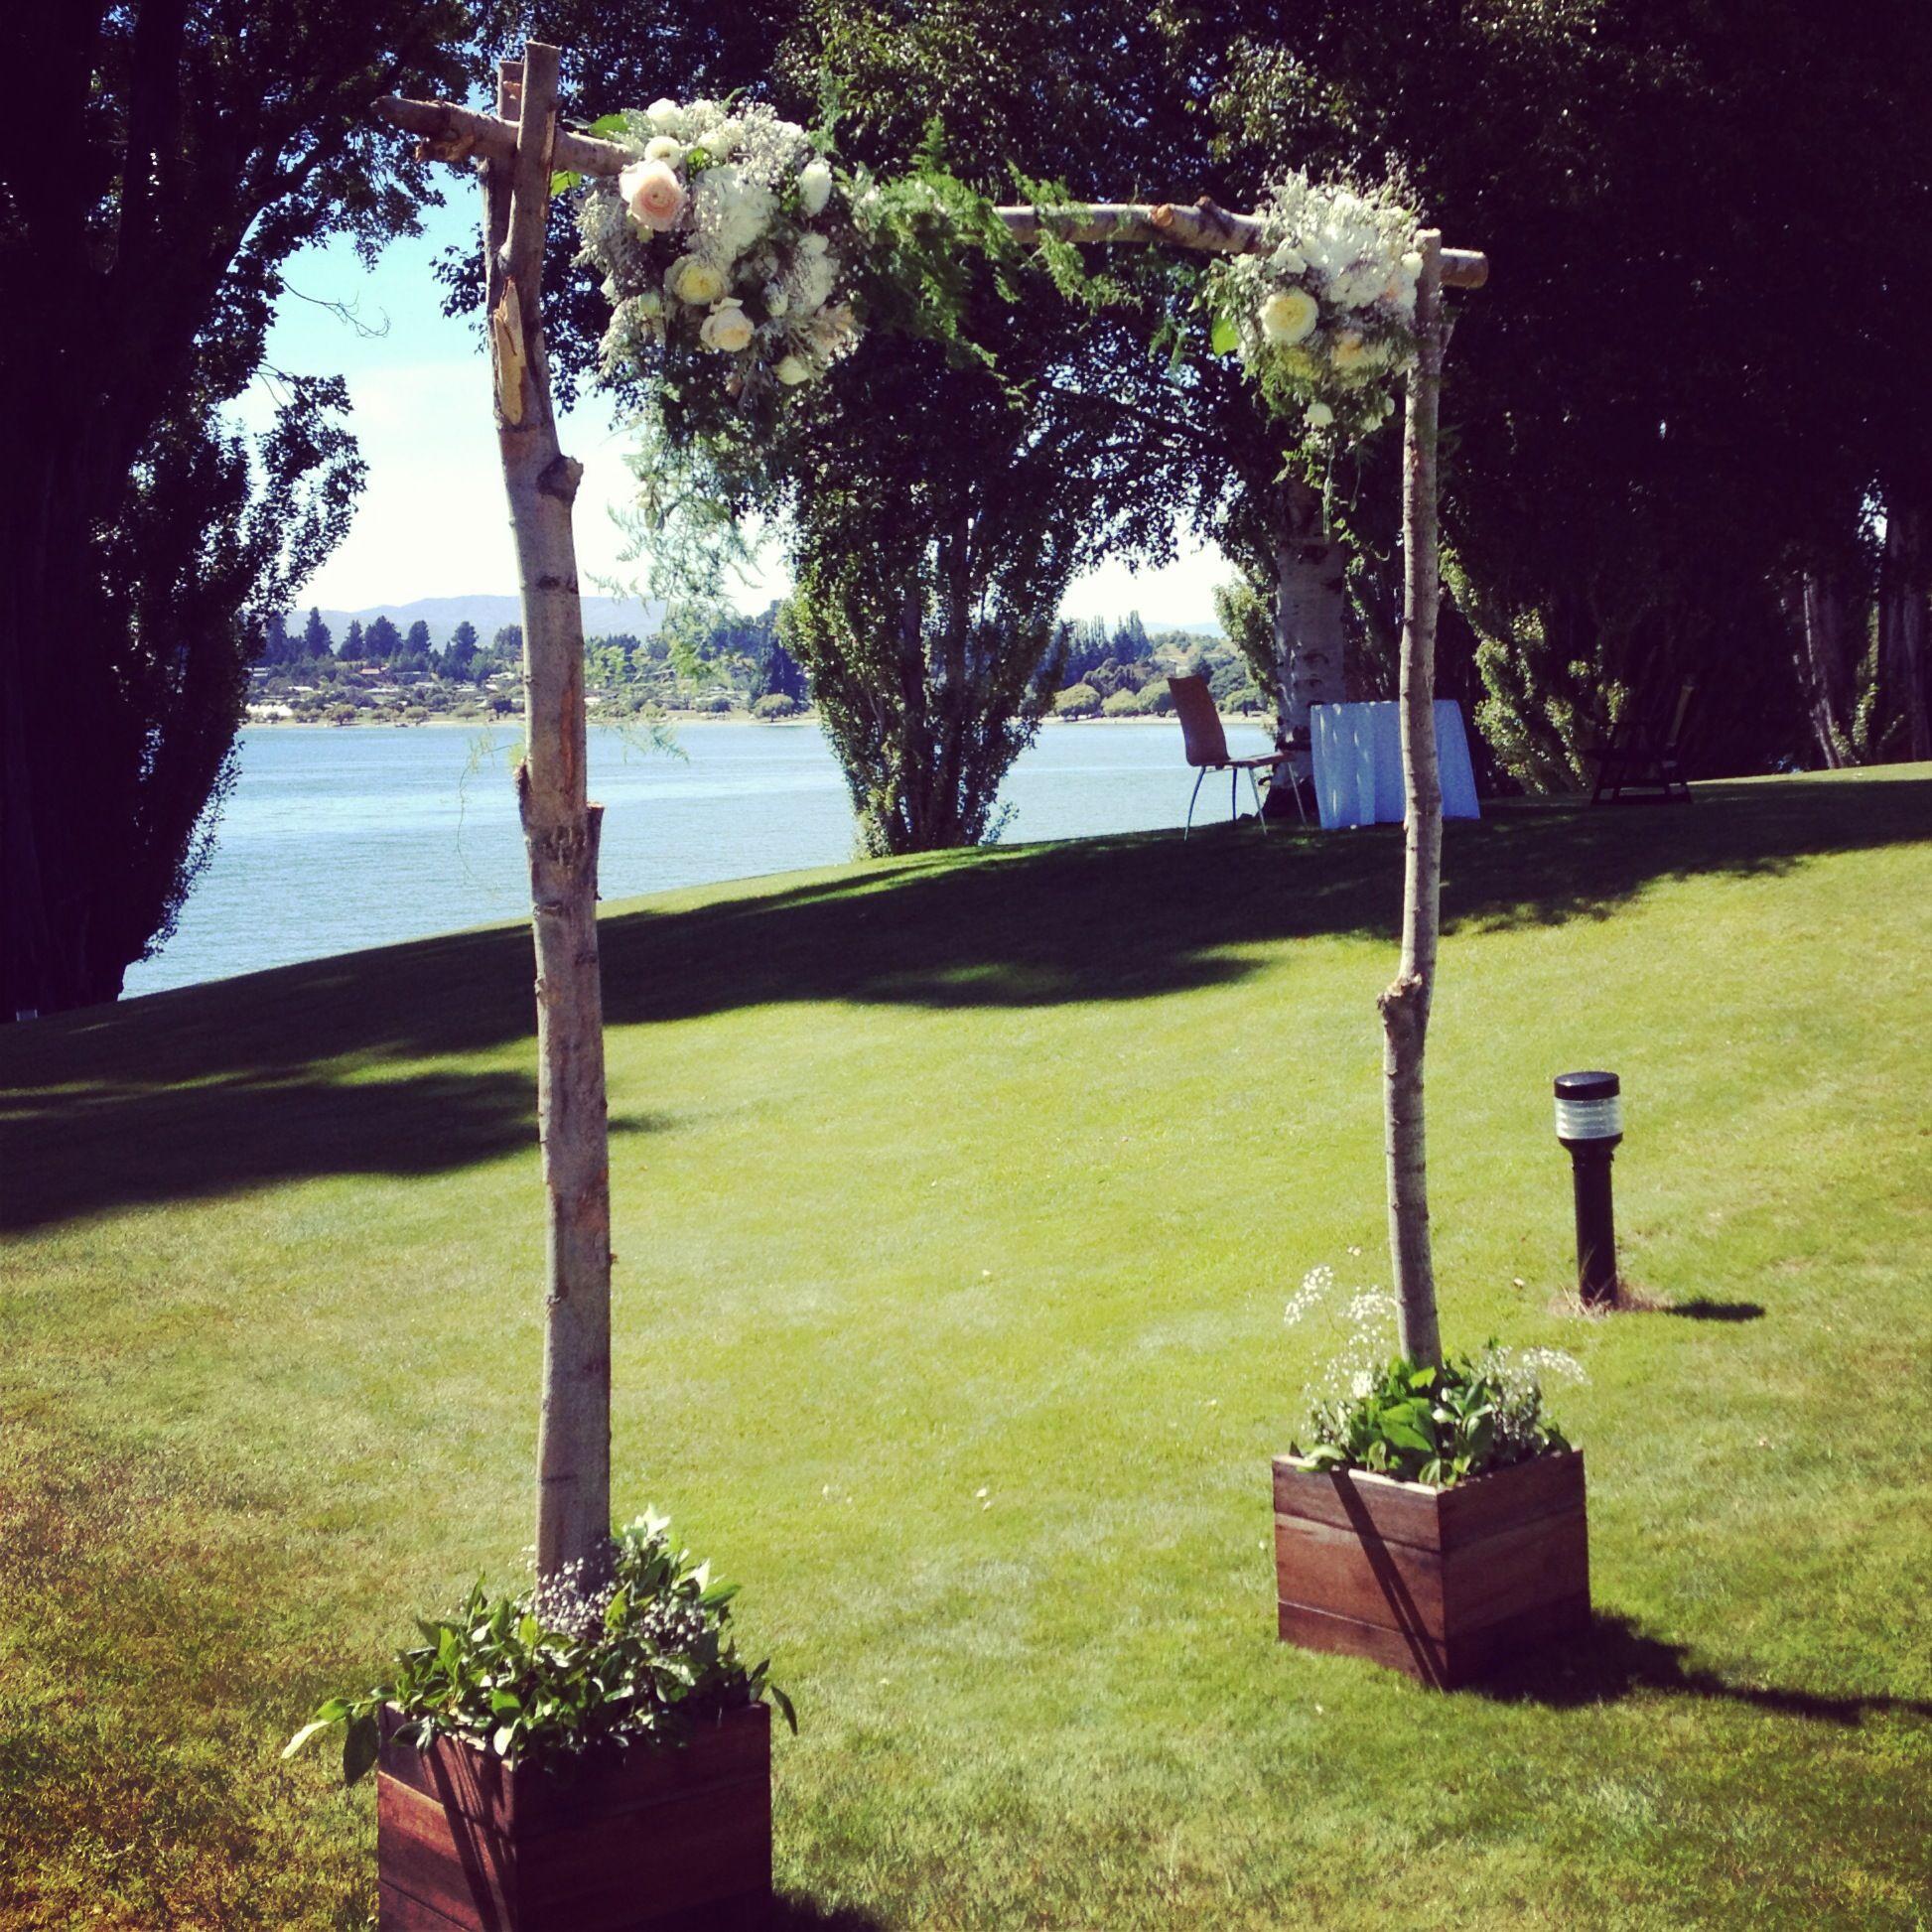 Diy Rustic Wedding Arch: Rustic Wedding Arch. #weddingarch #archway #wedding